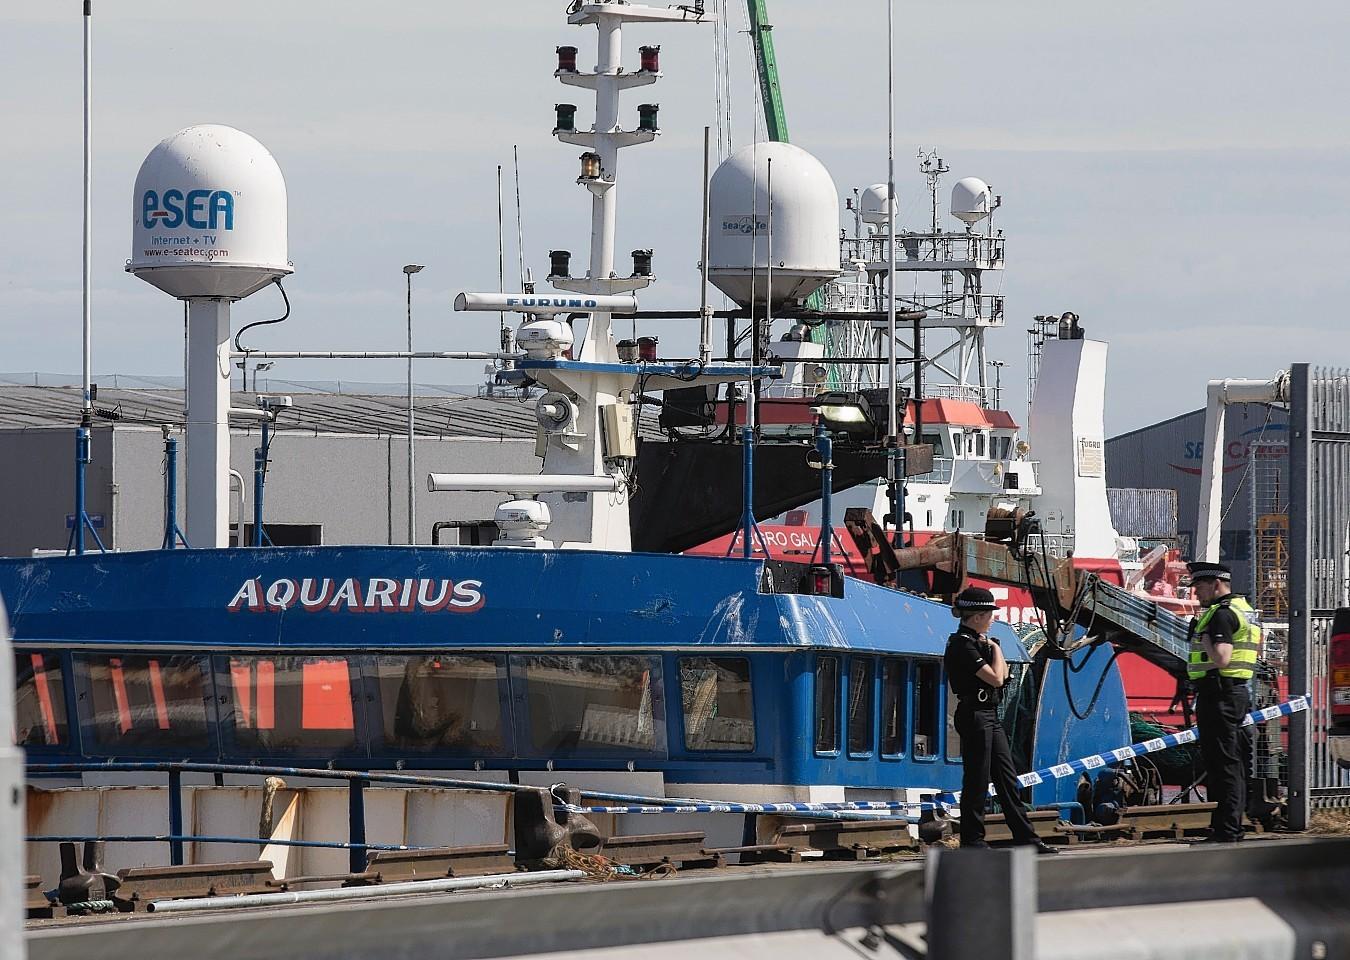 The Aquarius at Aberdeen Harbour